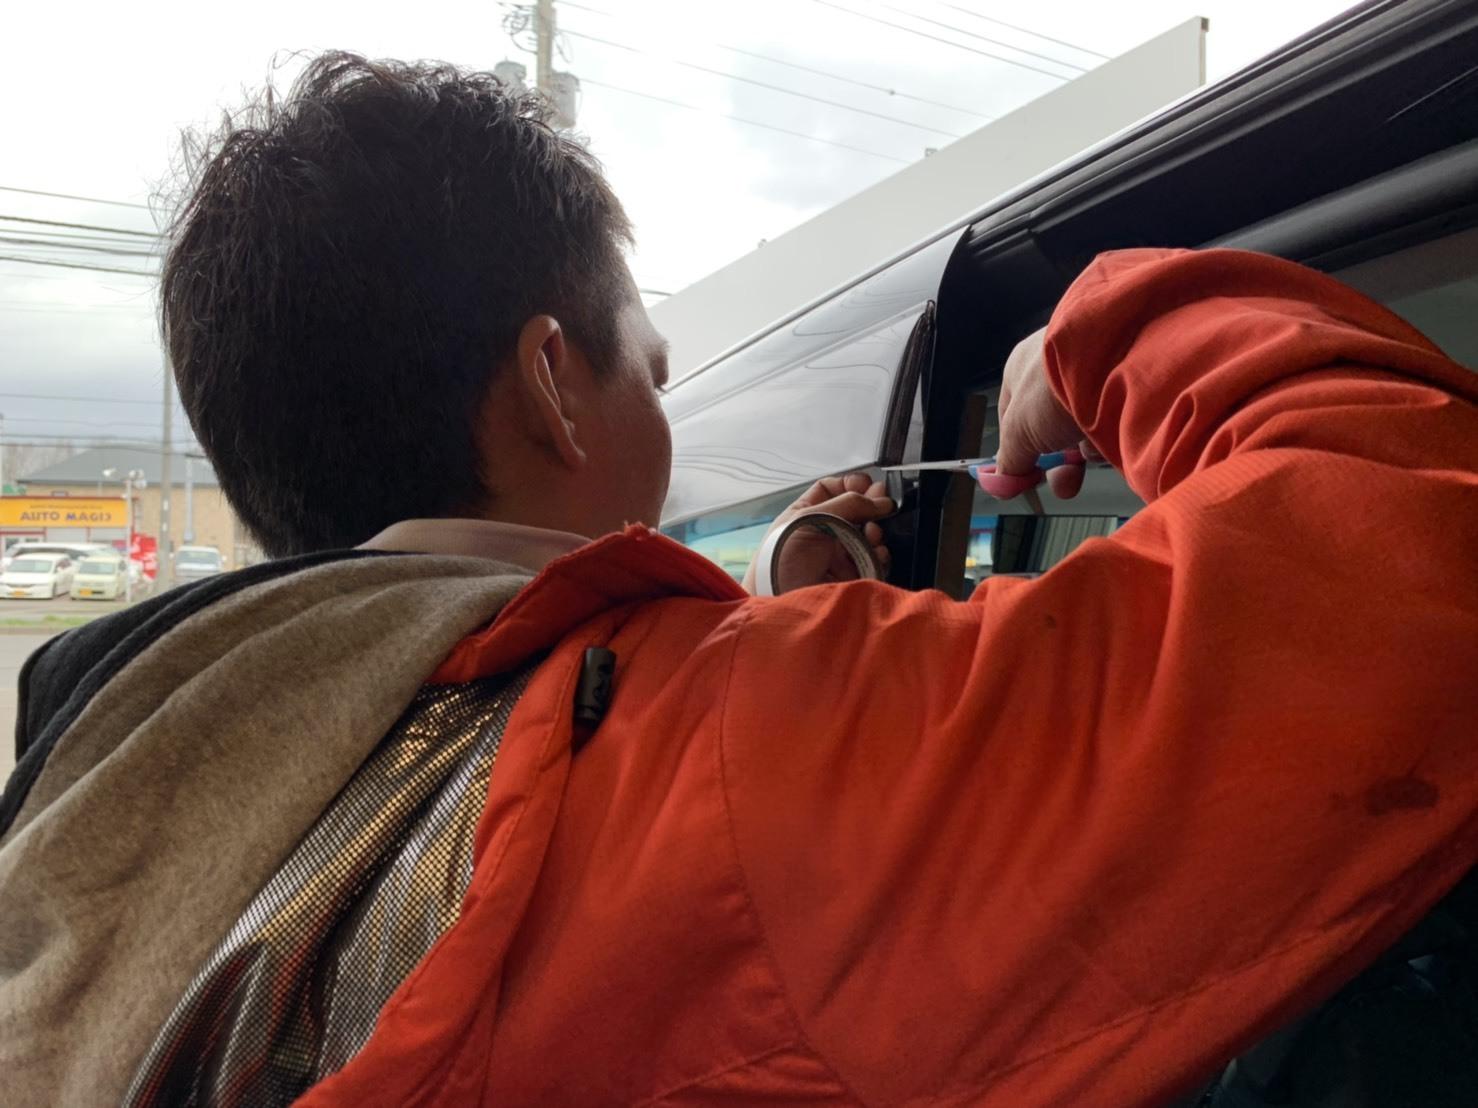 4月26日(金)♡LX570登場っっ(`・ω・´)ゞ ランクル  ベンツ ランボルギーニ♡TOMMY♡_b0127002_20045582.jpg